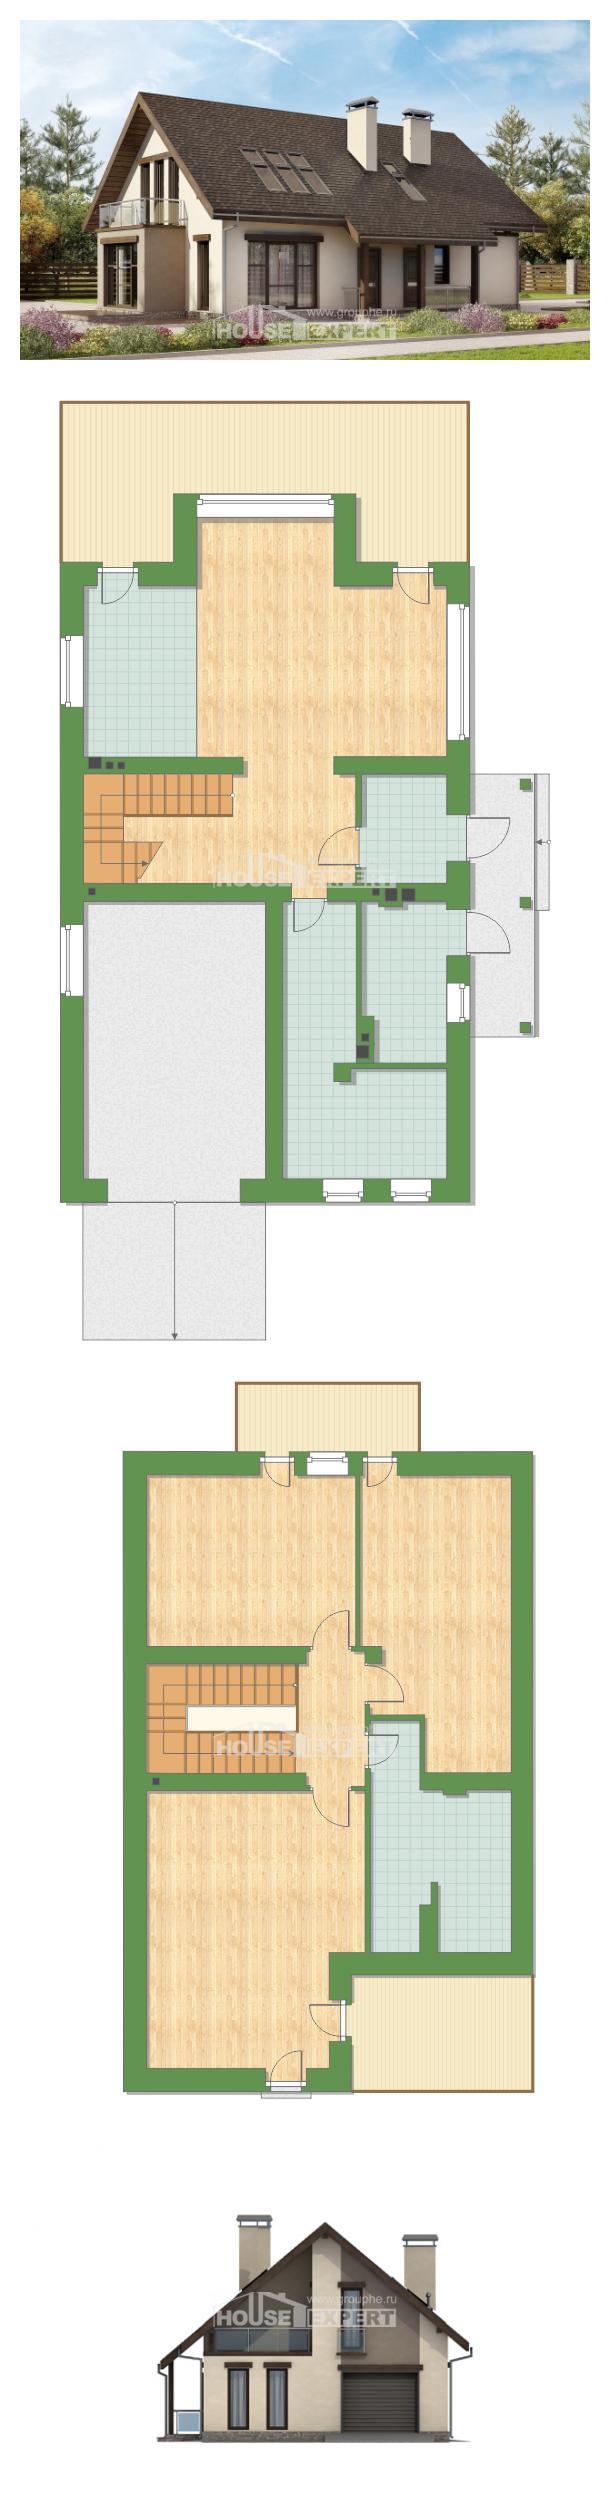 Plan 185-005-L | House Expert